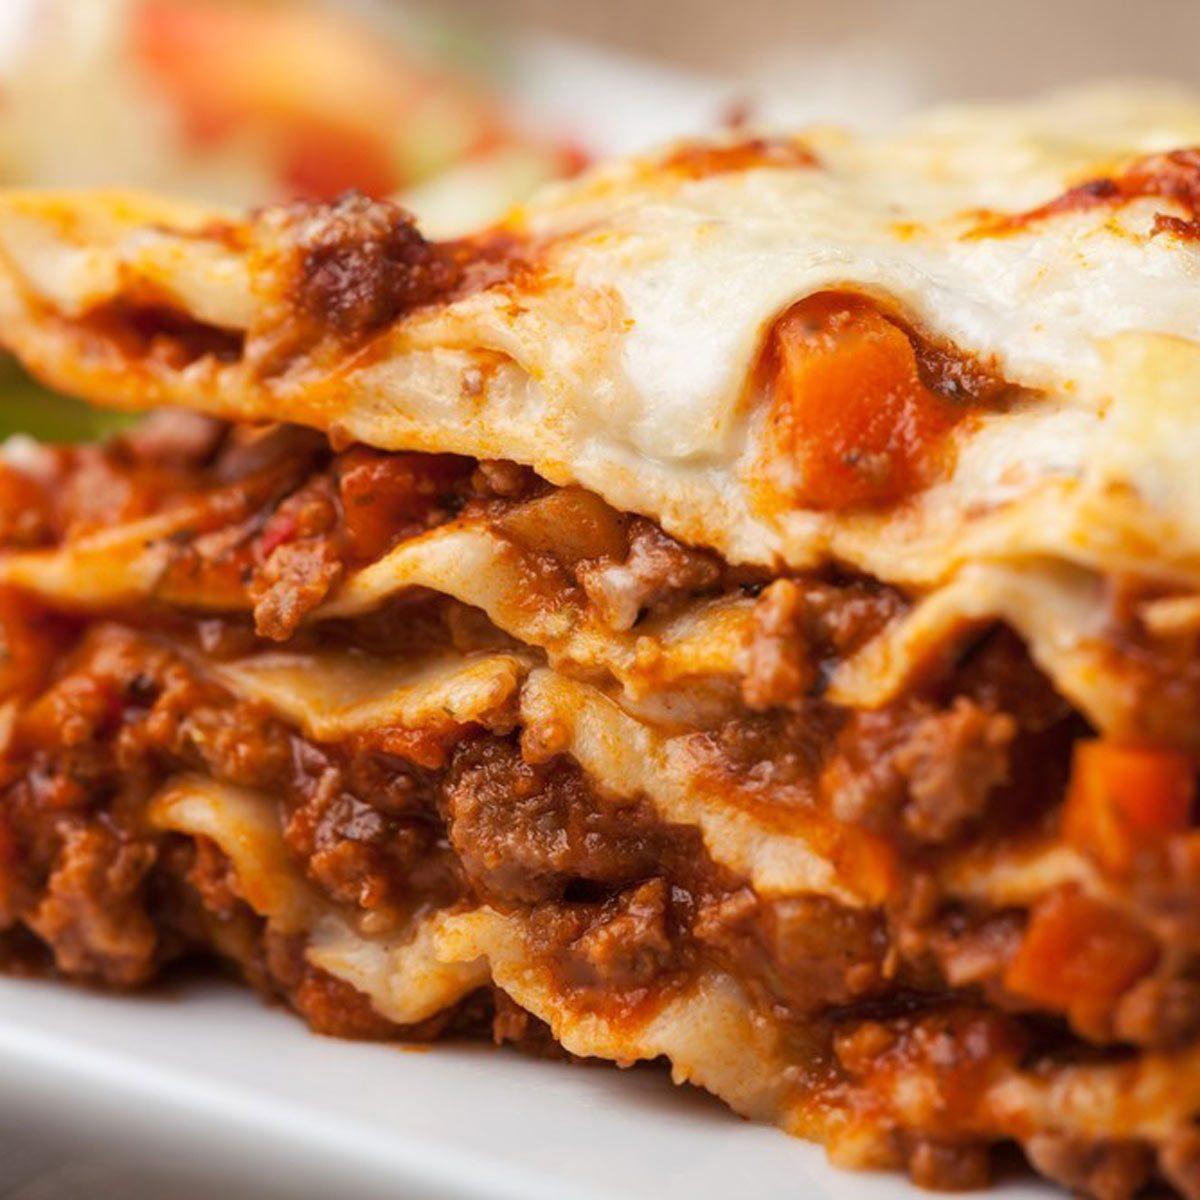 Grill a Lasagna